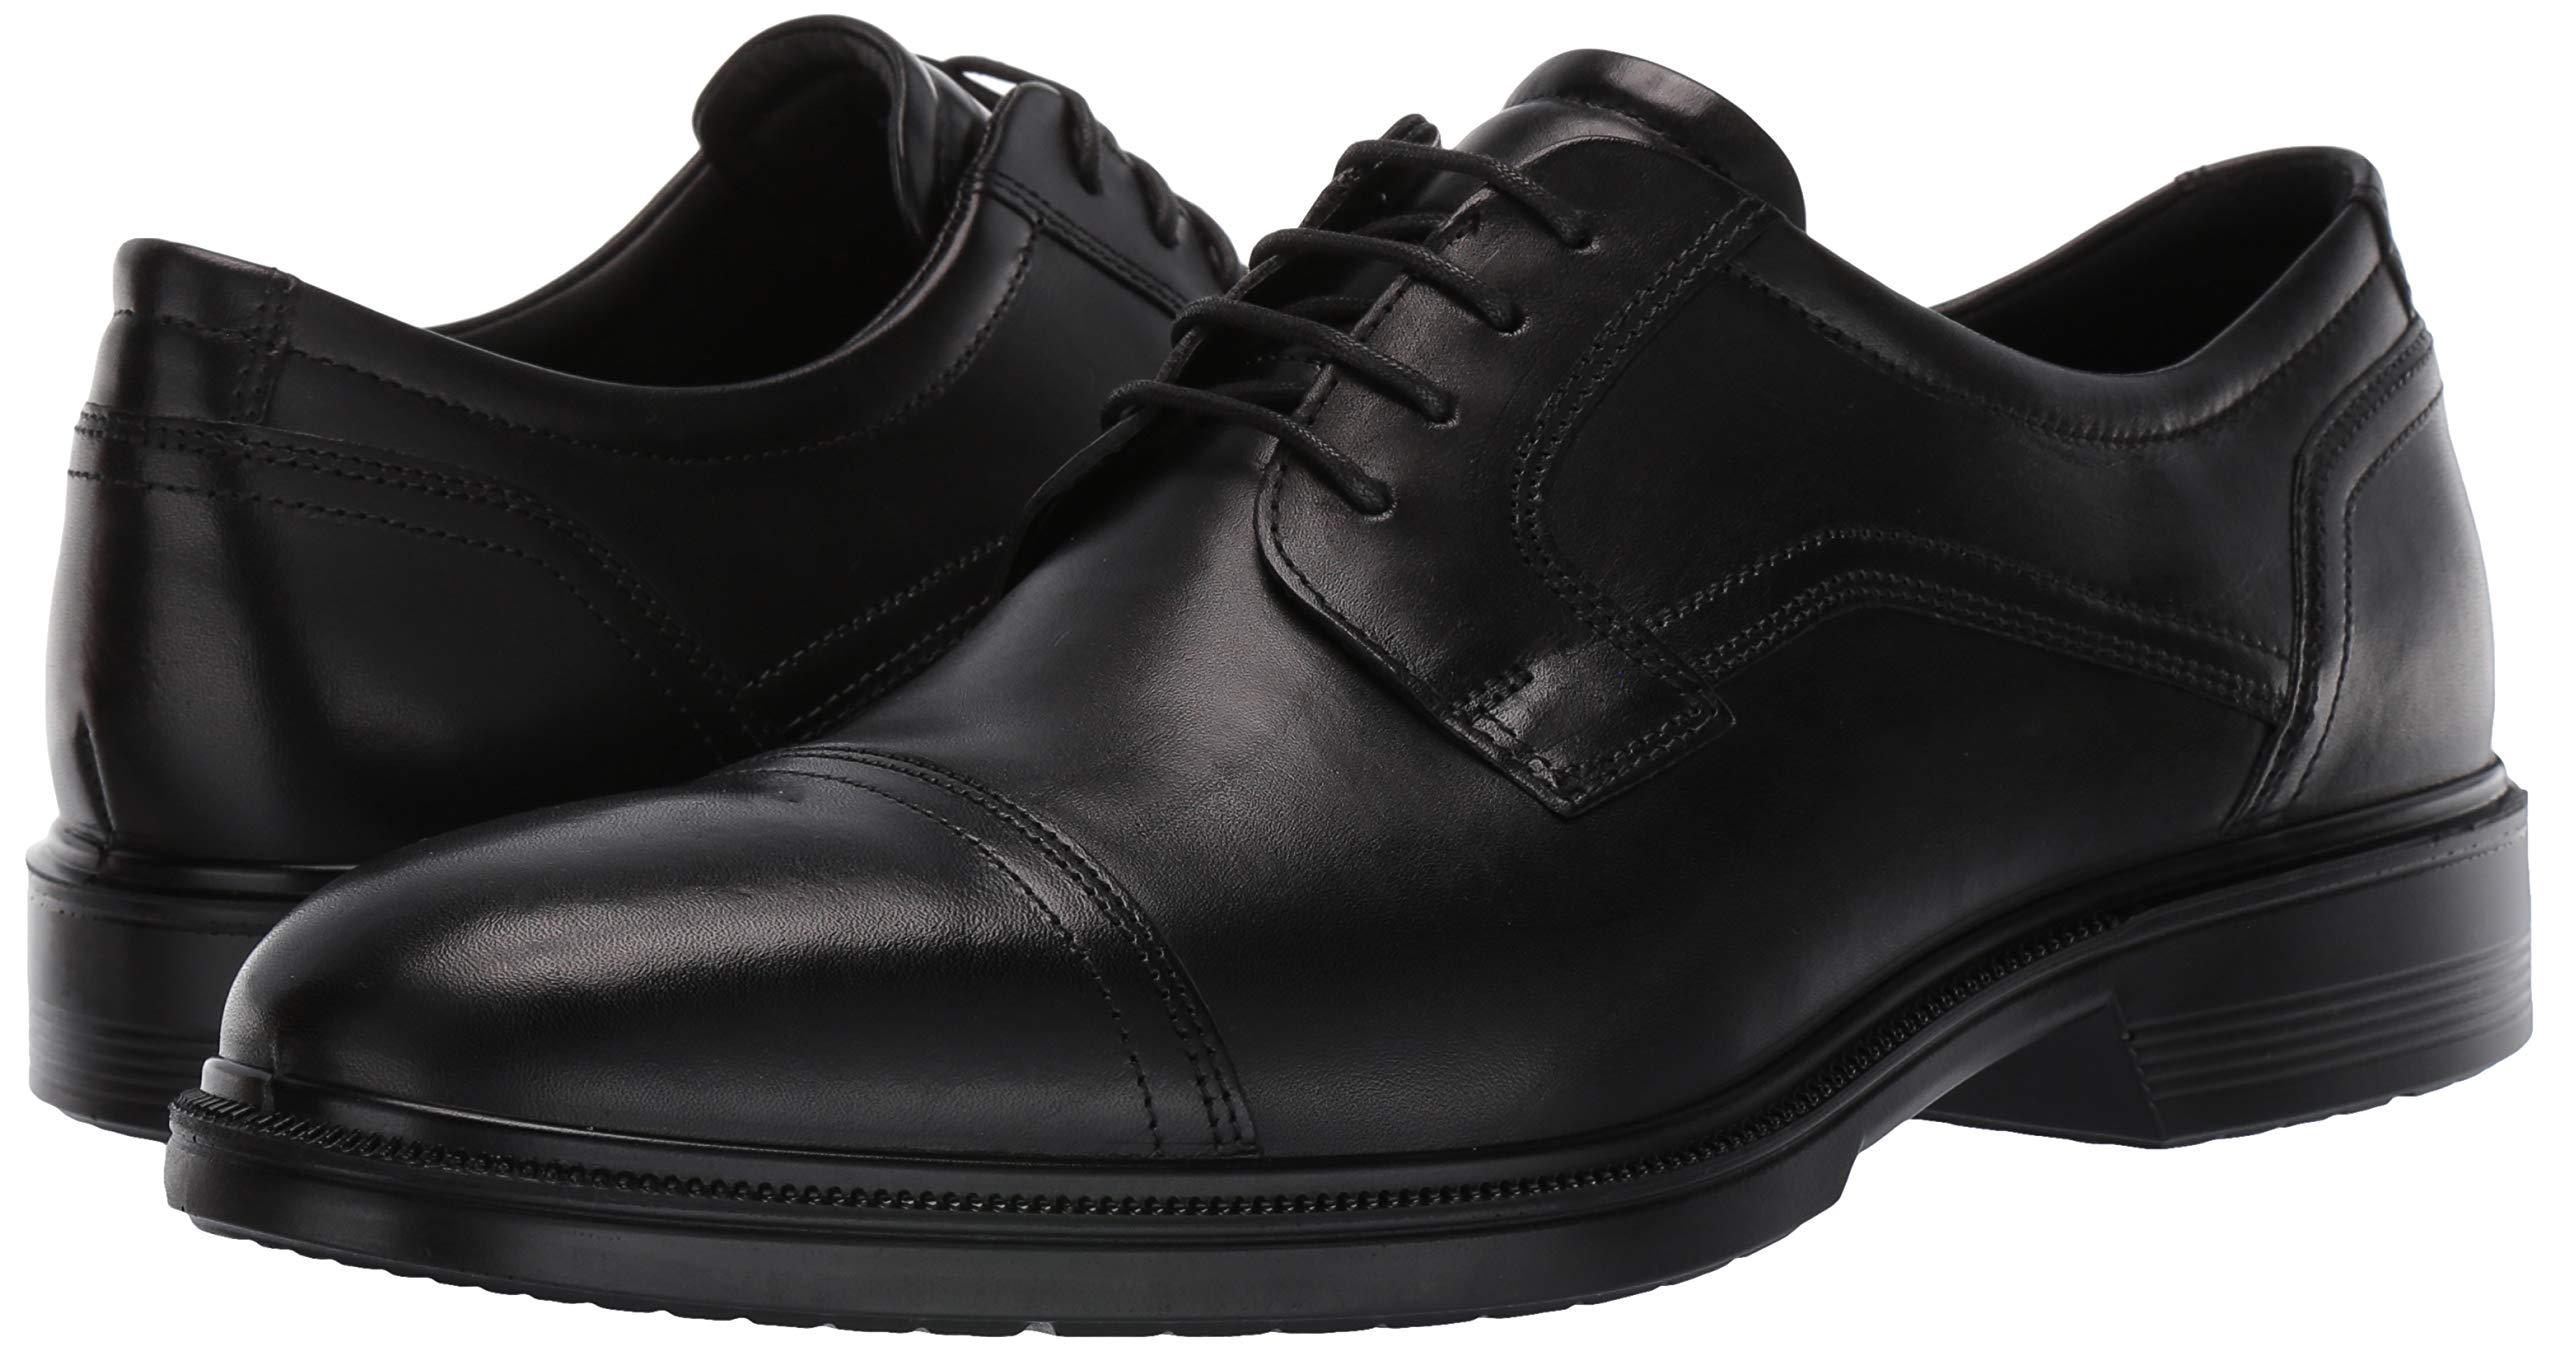 ECCO Men's Lisbon Cap Toe Tie Oxford, Black, 48 EU/14-14.5 M US by ECCO (Image #6)